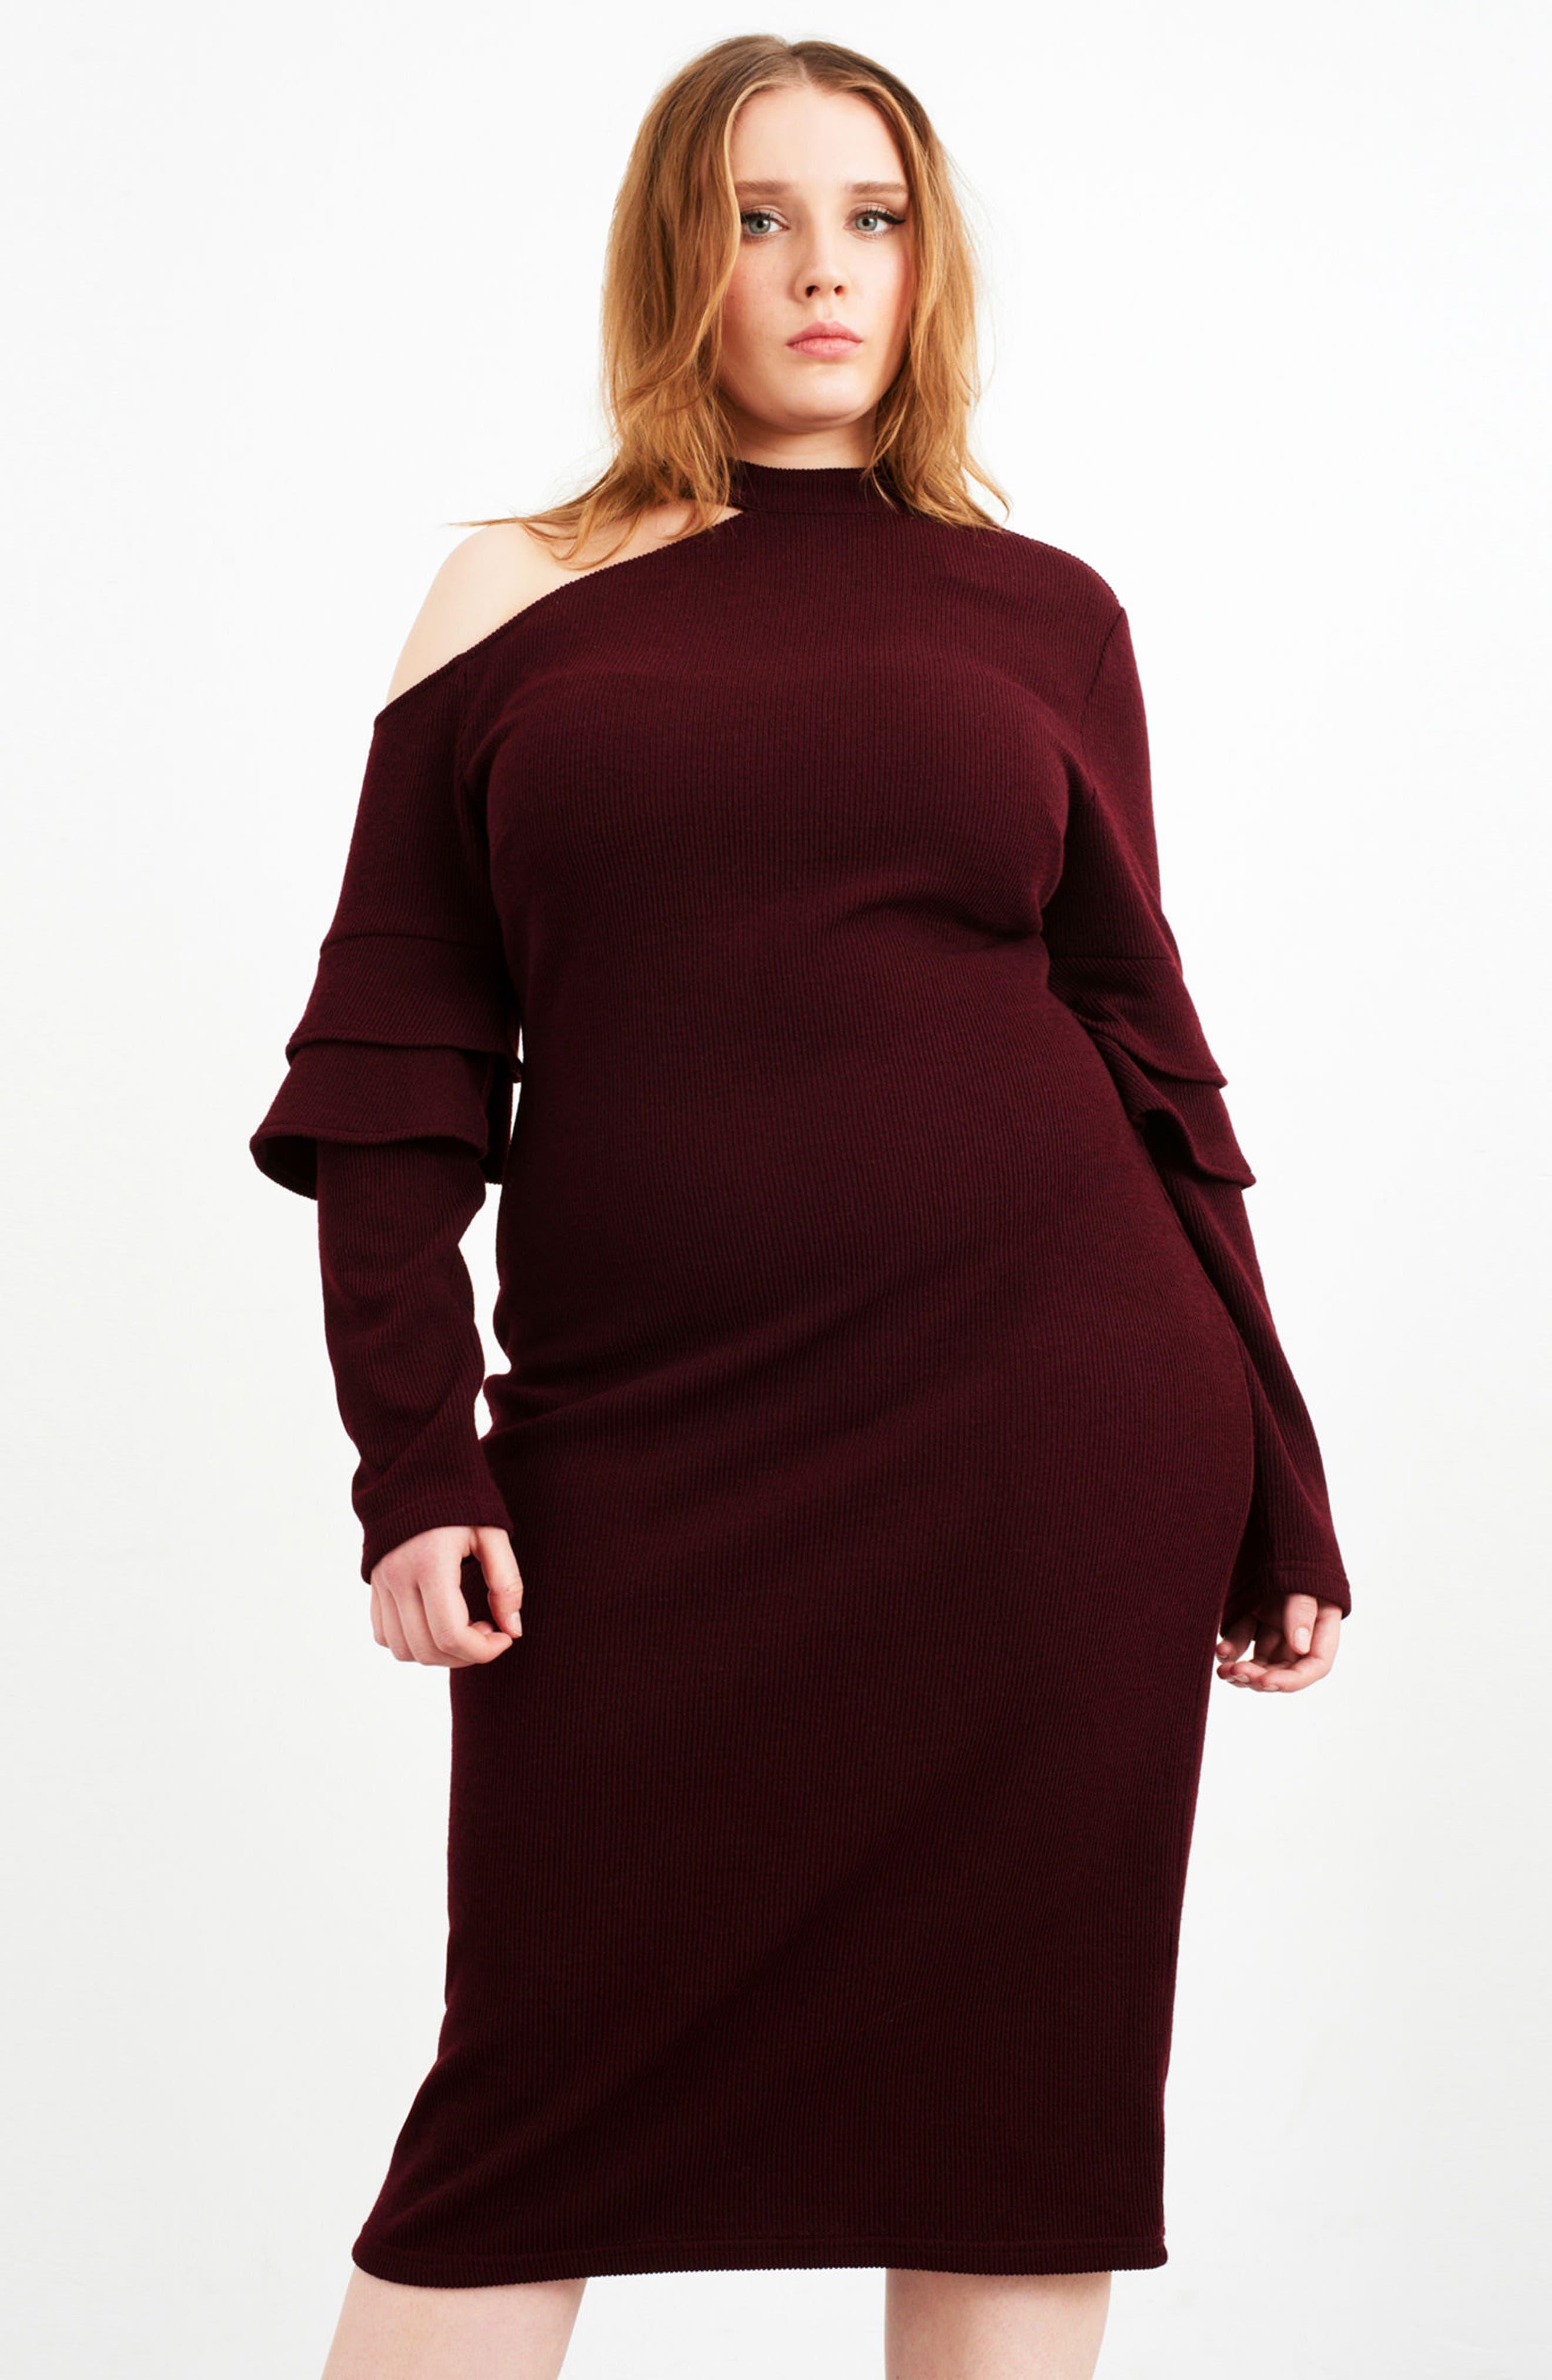 Shoulder Cutout Knit Dress,                             Alternate thumbnail 7, color,                             600